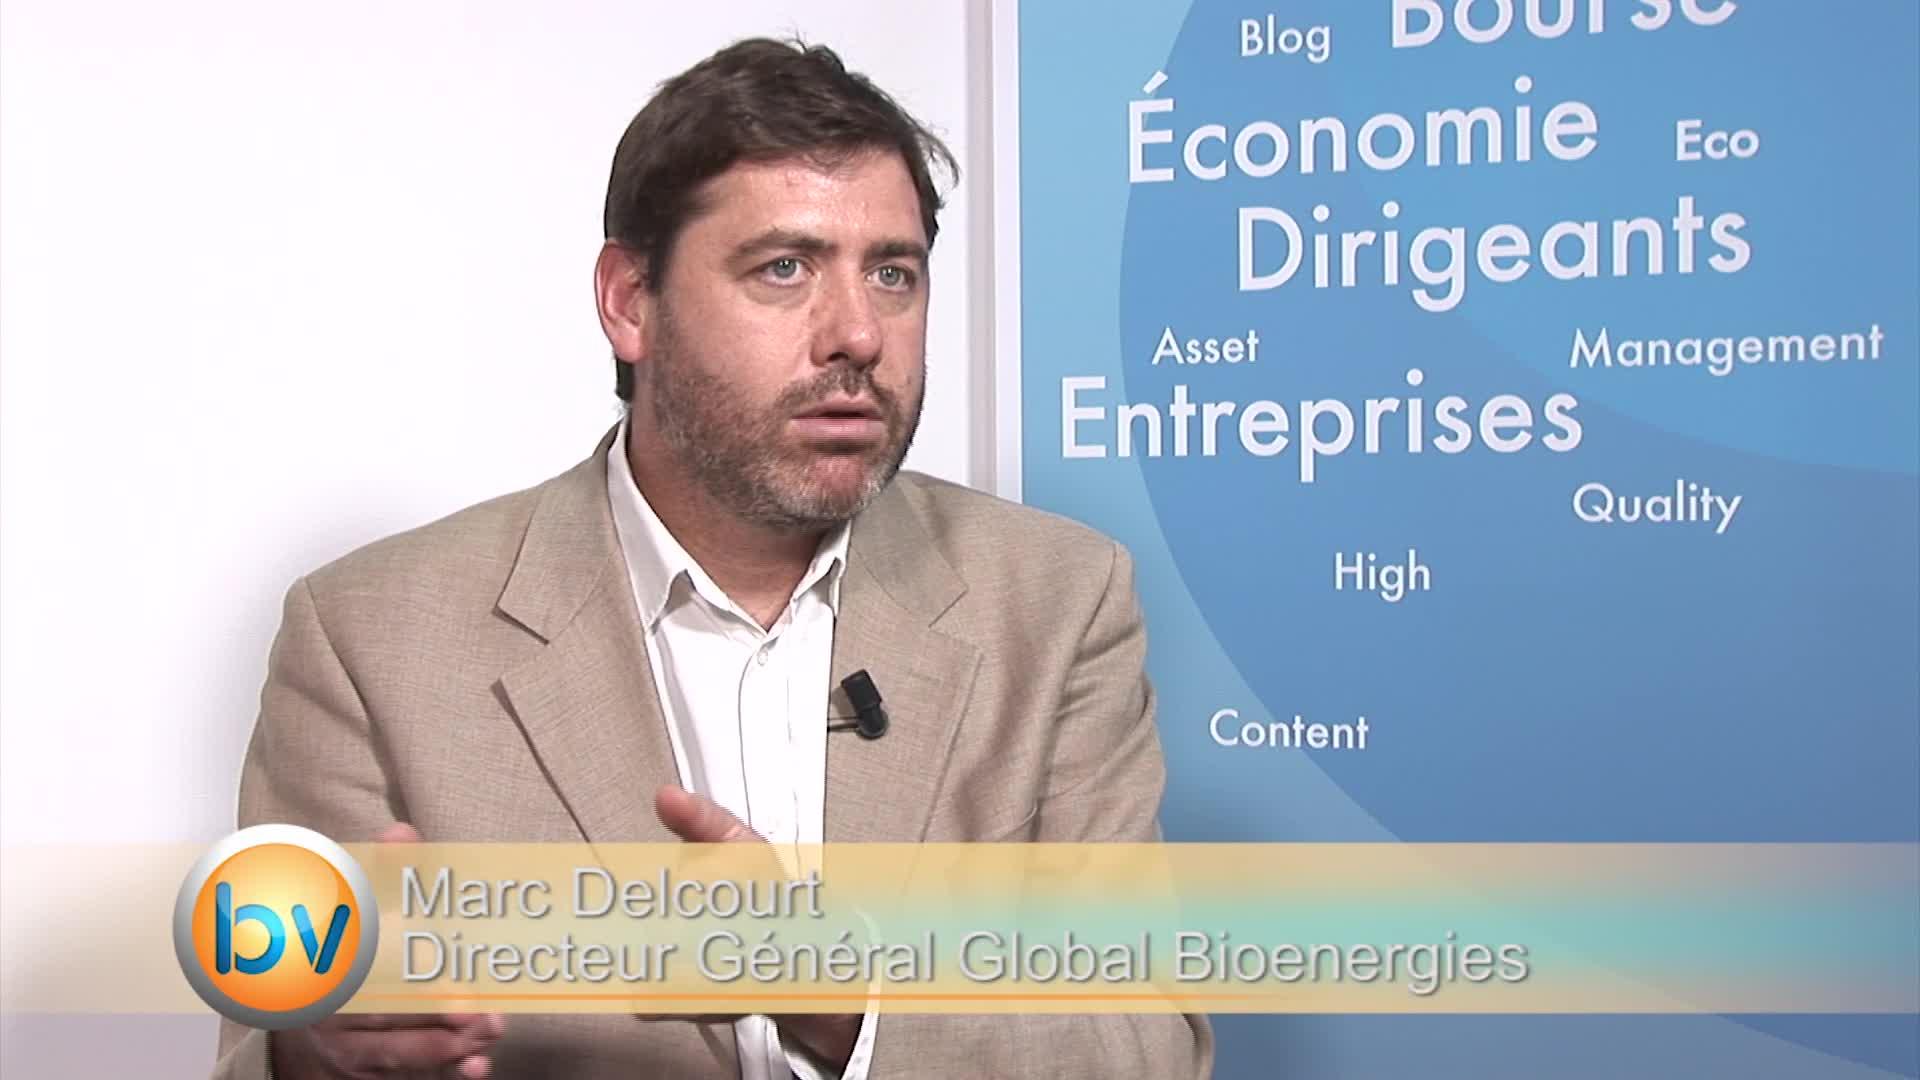 """Marc Delcourt Directeur Général GlobalBioenergies : """"Notre technologie serait profitable dans les conditions actuelles de marché"""""""